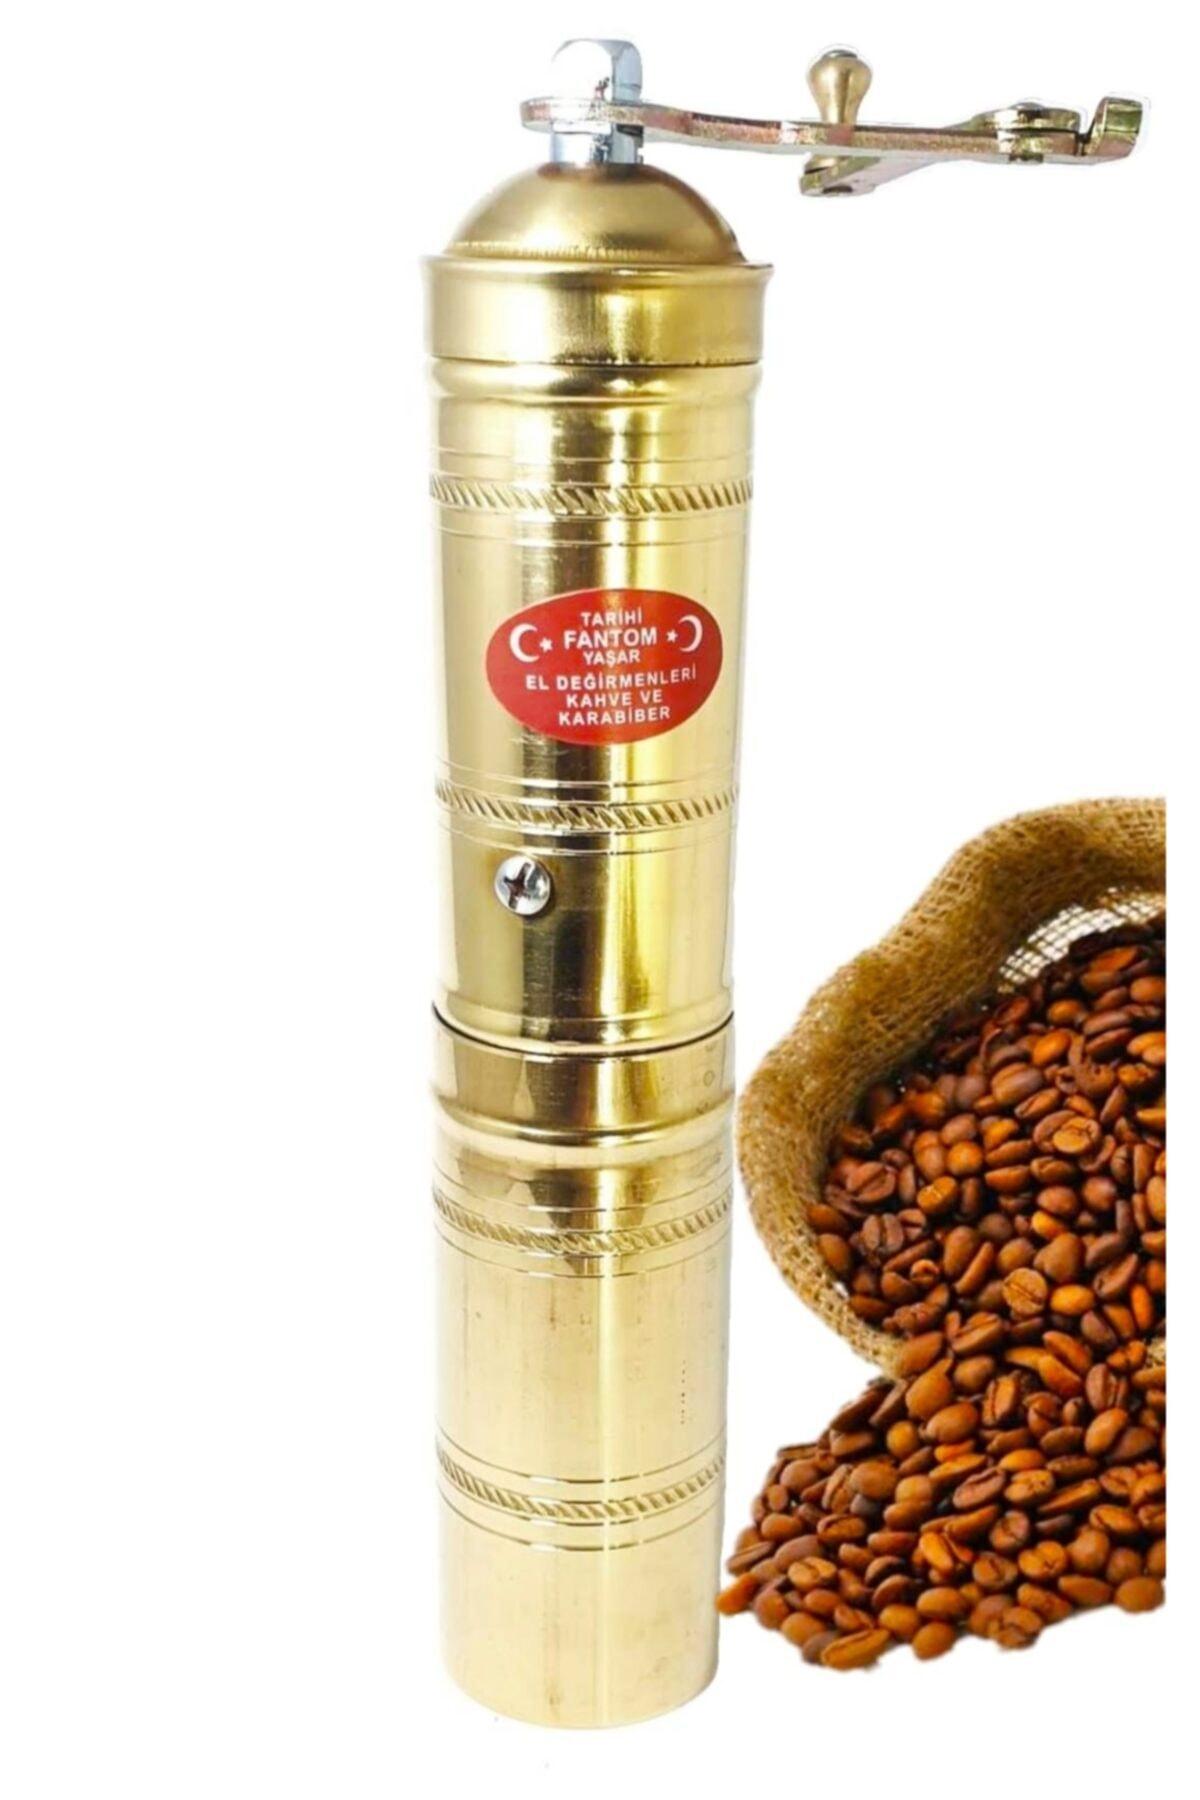 Fantom Pirinç Işlemeli Uzun Sade Kahve Öğütücü El Değirmeni Ln-378 1